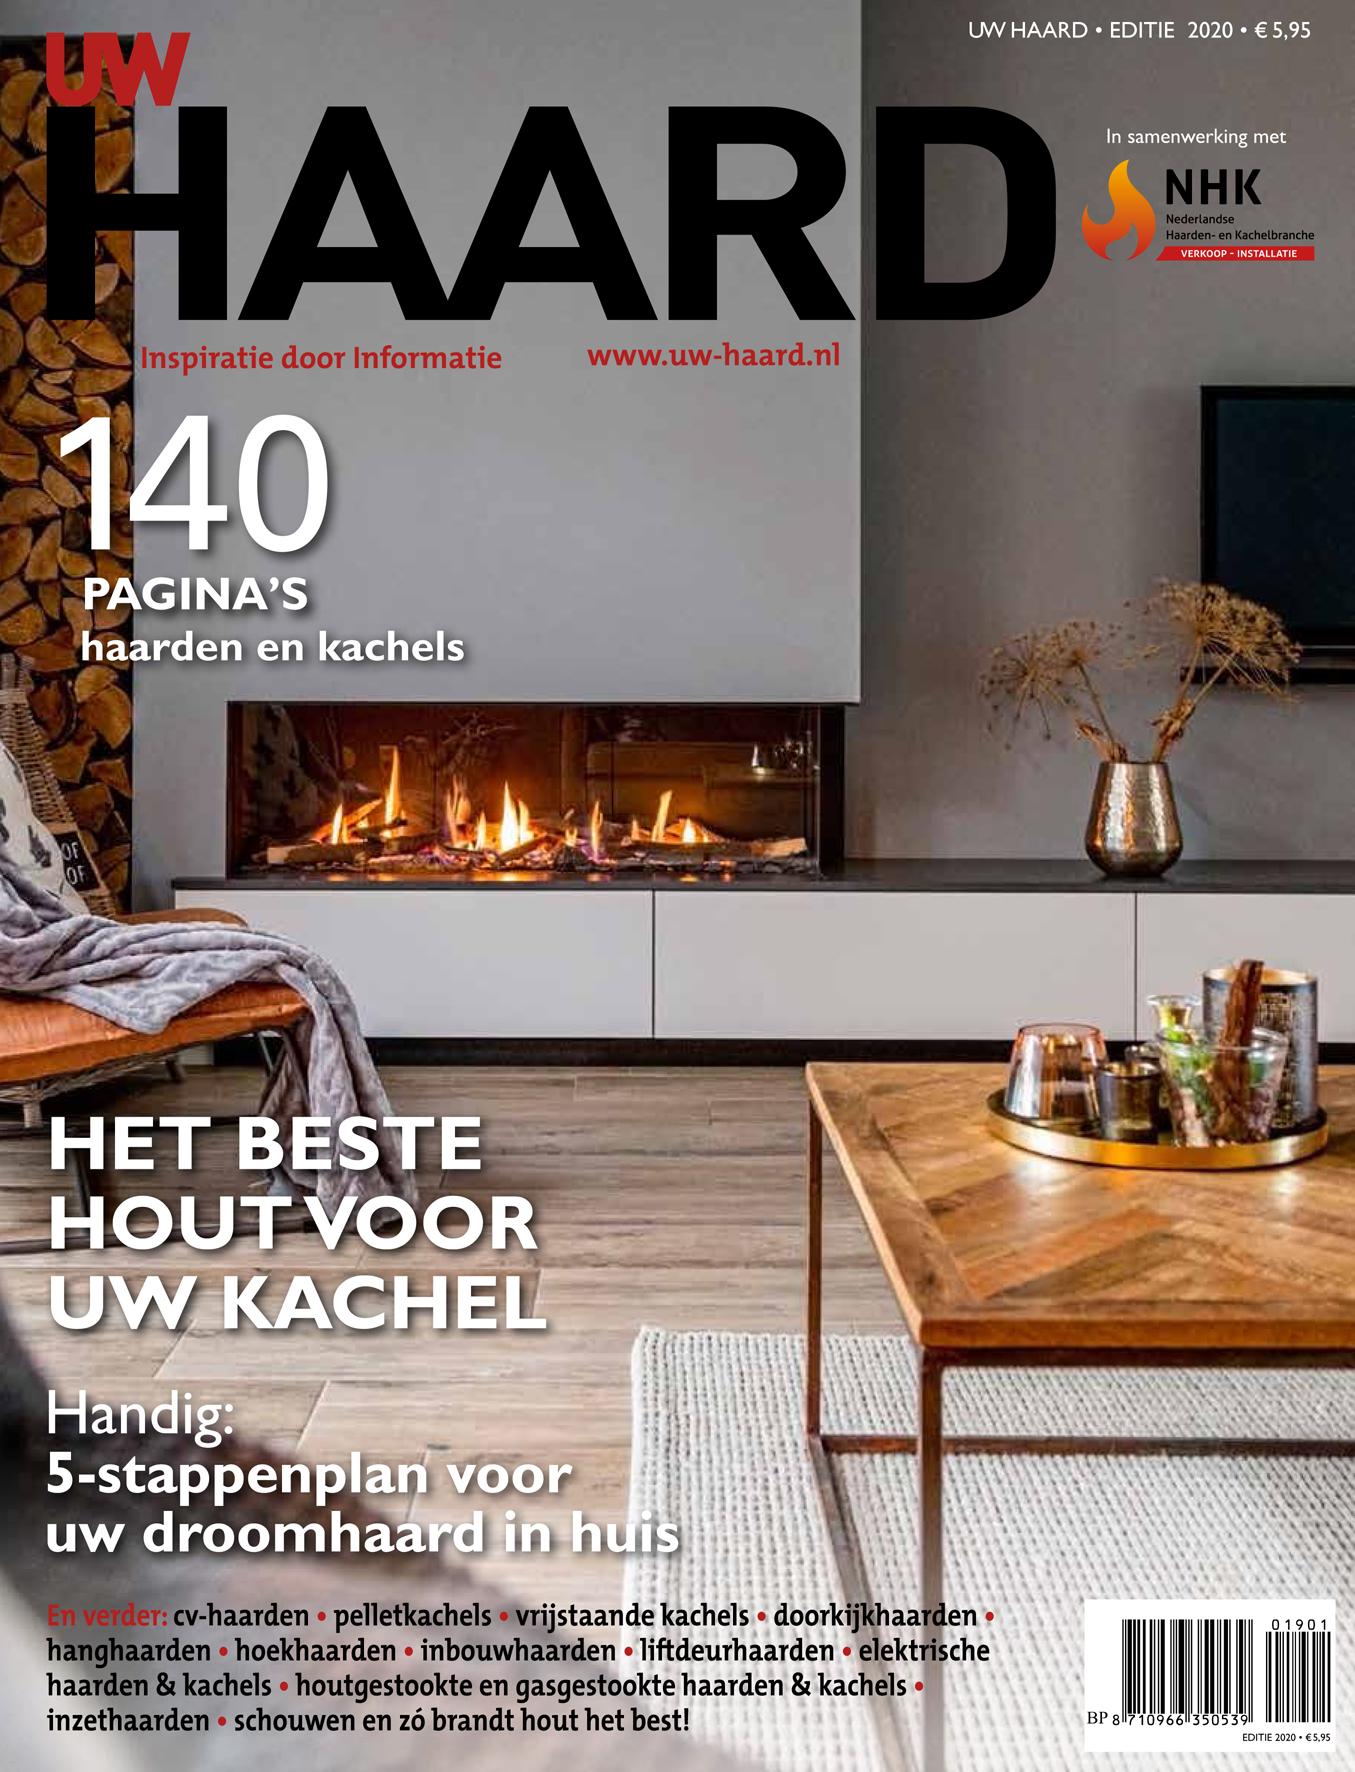 Alle informatie over haarden en kachels vind je in het UW Haard magazine. Bestel het hier #magazine #haarden